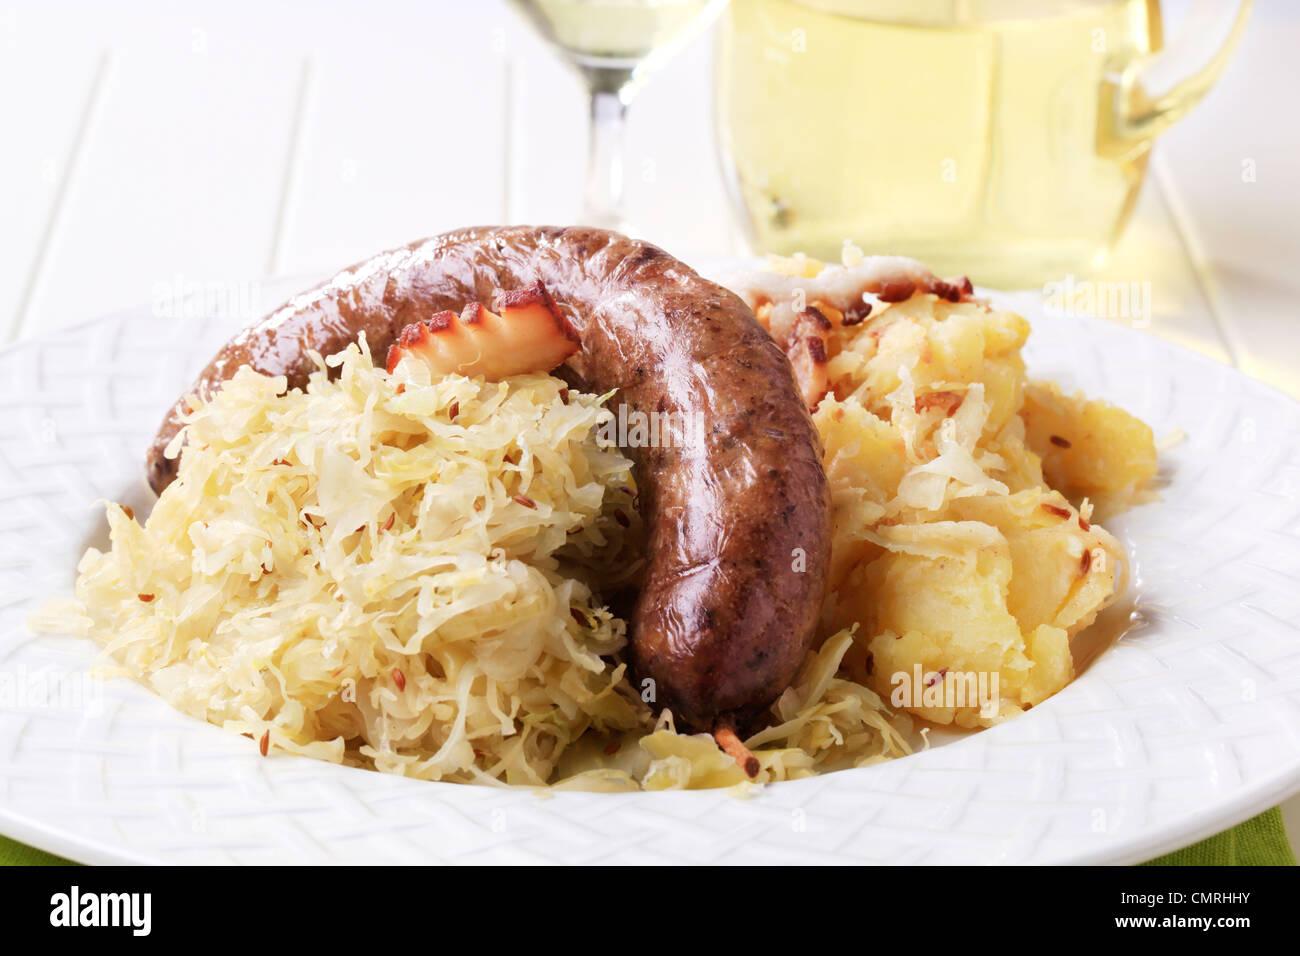 Salsiccia di sangue i crauti e patate - primo piano Foto Stock